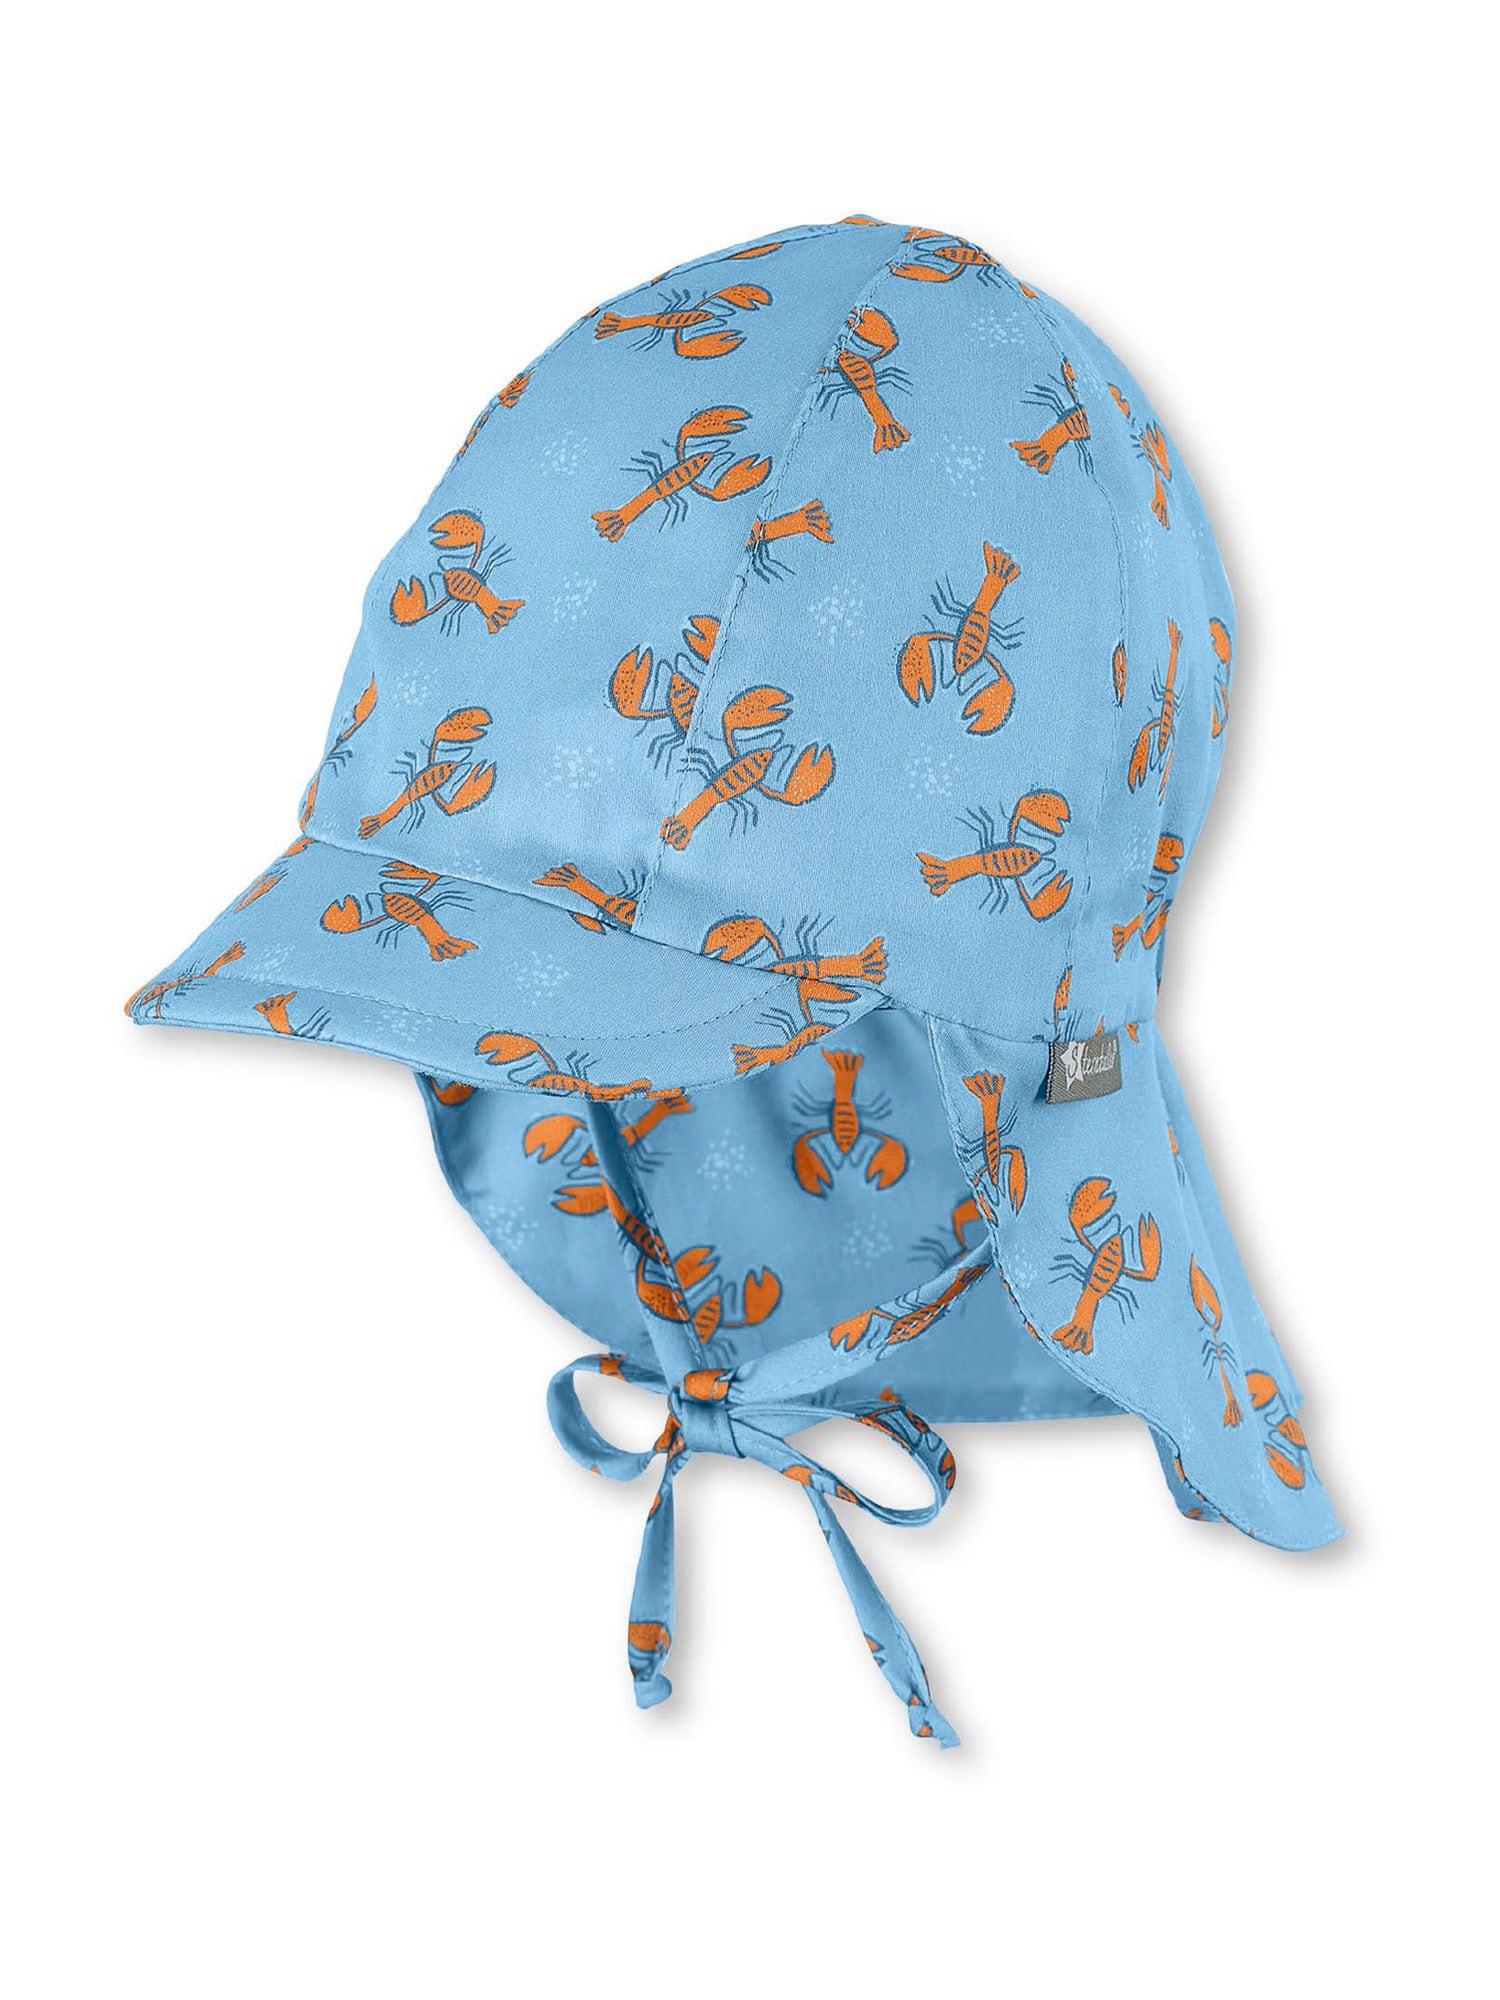 STERNTALER Skrybėlaitė šviesiai mėlyna / tamsiai oranžinė / mėlyna